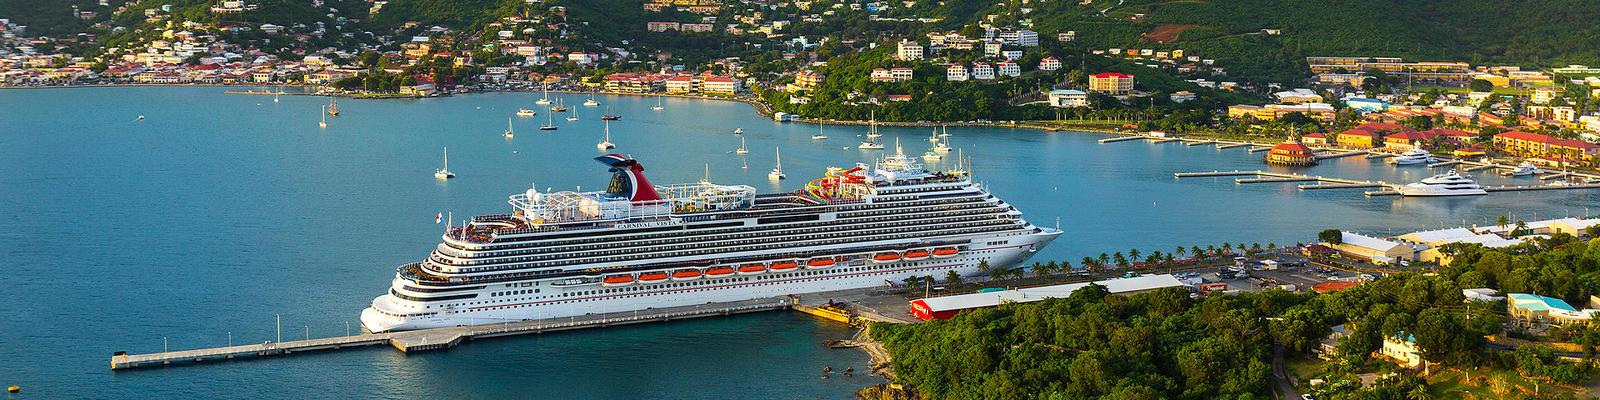 Carnival Vista (Photo: Carnival)